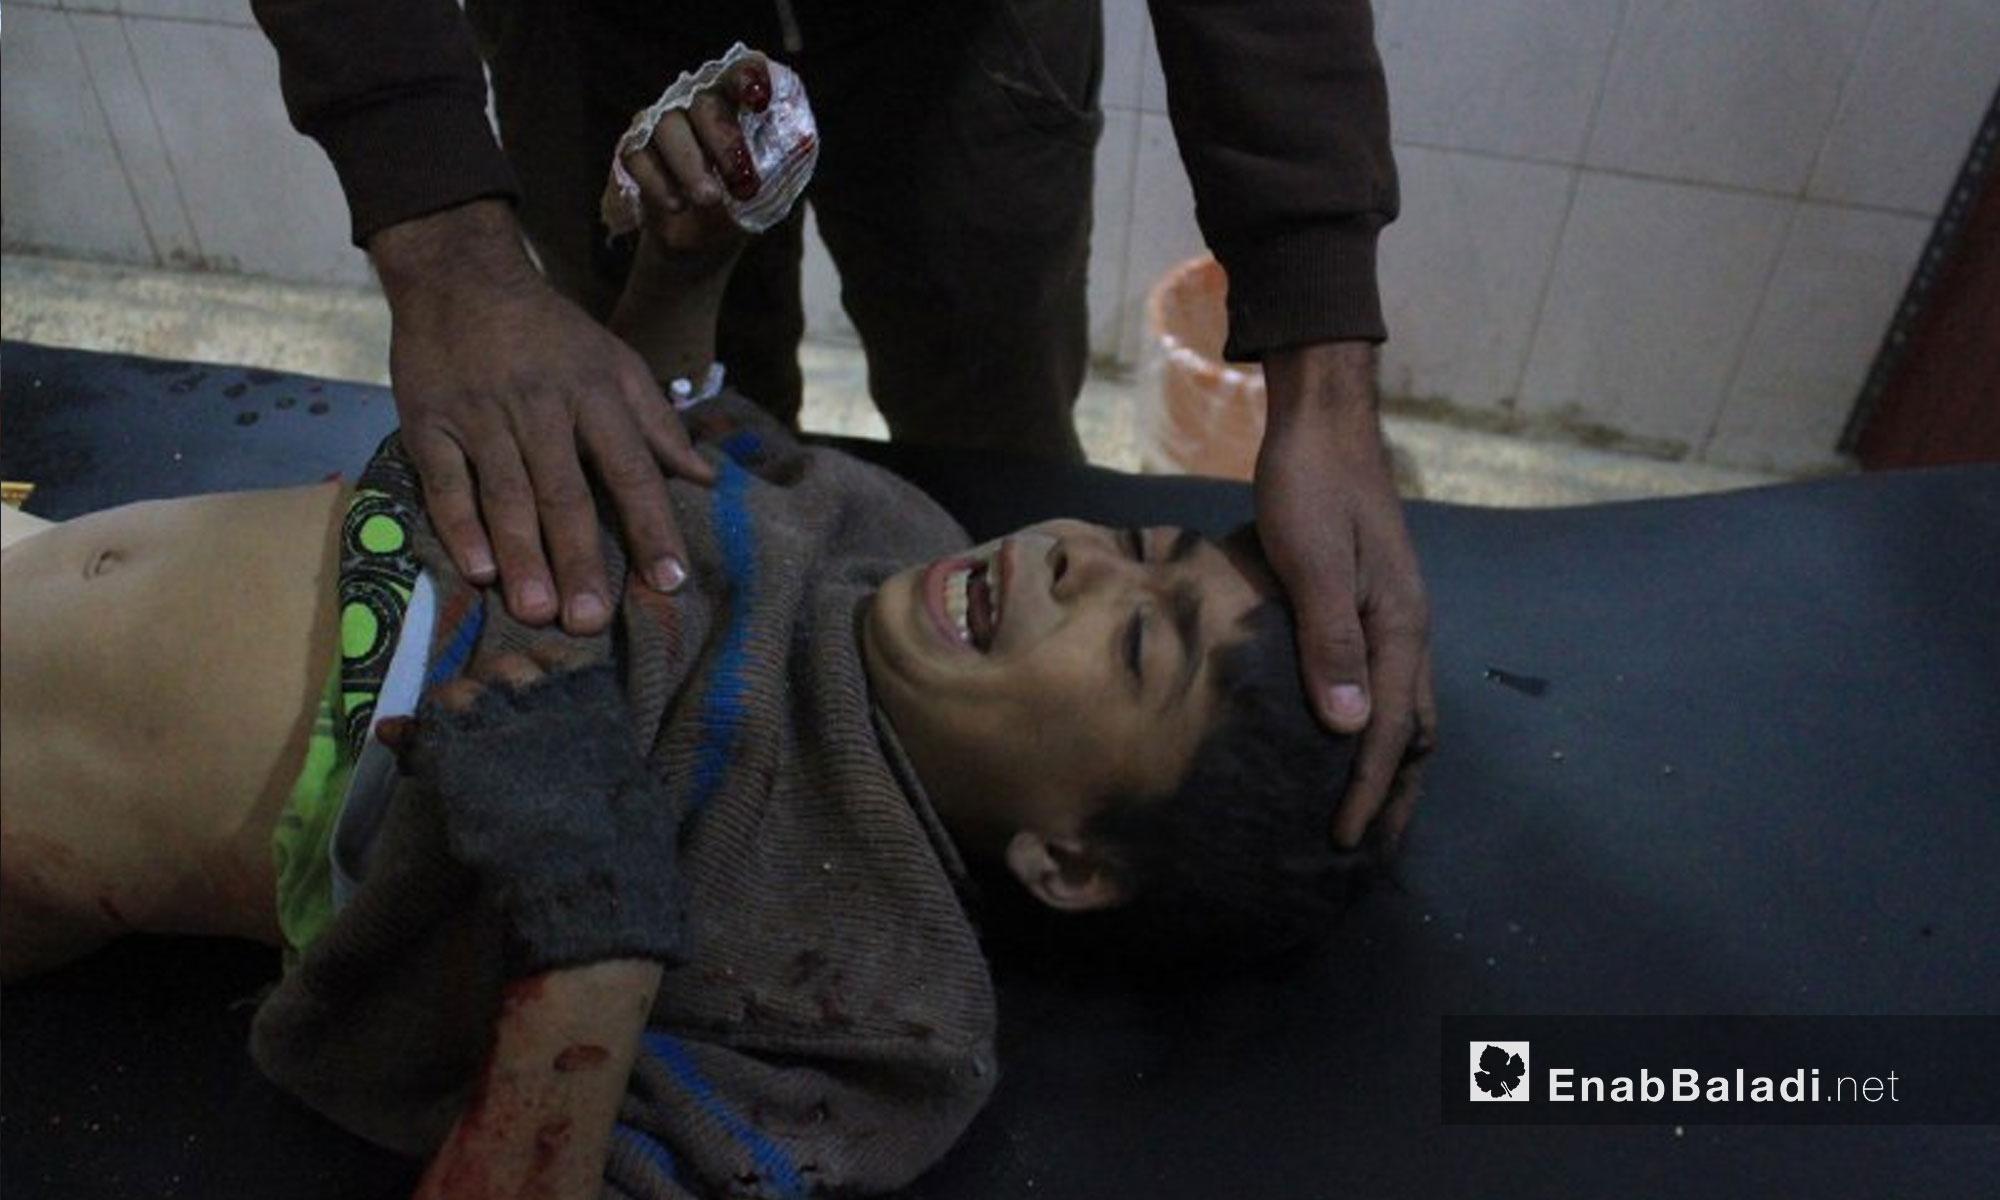 اسعاف المصابين جراء القصف الذي تعرضت له بلدة حمورية في الغوطة الشرقية - 6 شباط 2018 (عنب بلدي)